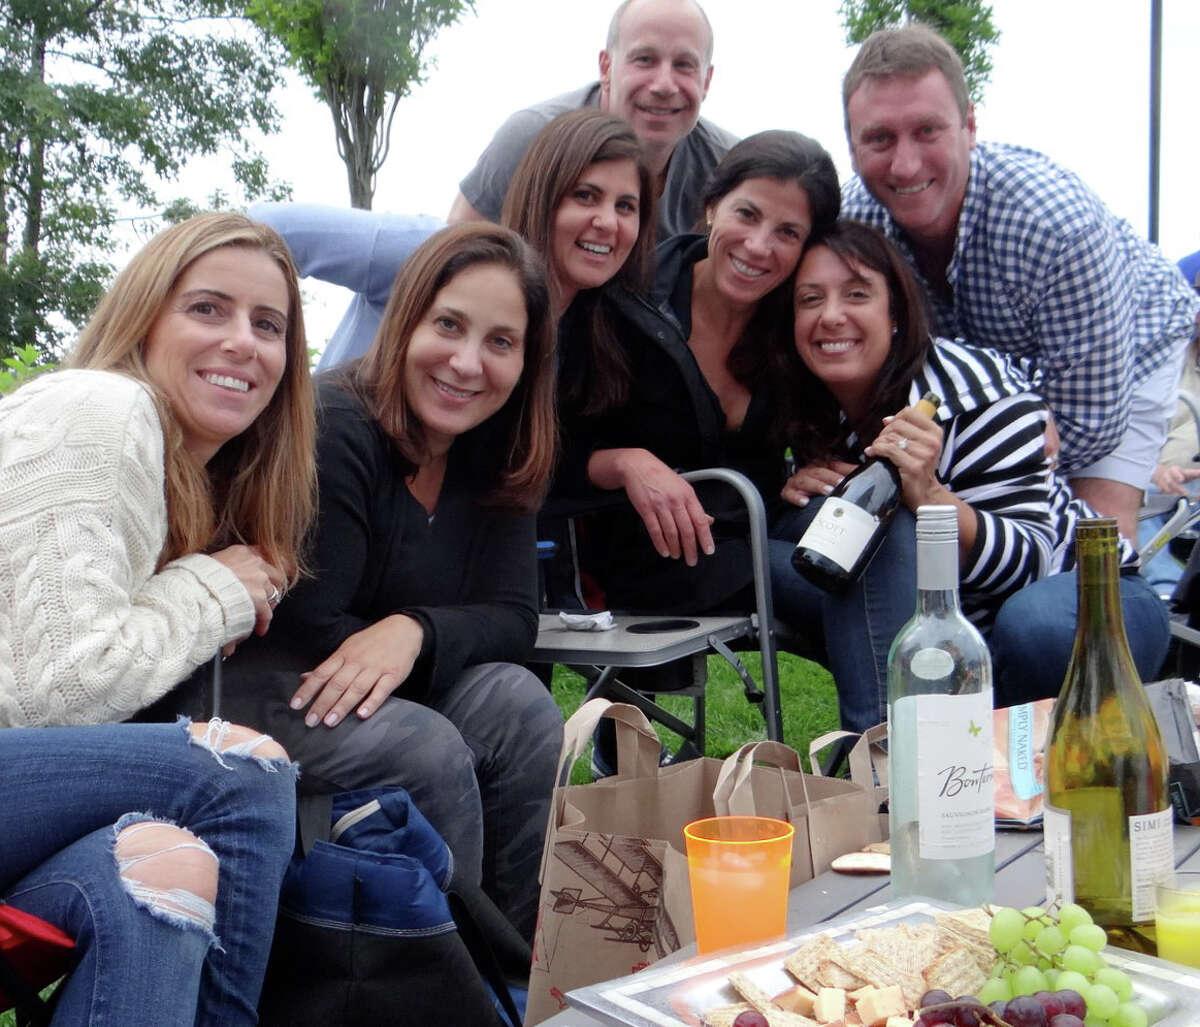 Among those picnicking on the Levitt Pavilion's season-opening night were Raquel Kobak, Sheri Katz, Rose Serels, David Katz, Cheryl Herman, Julie Beitman and Jared Herman.